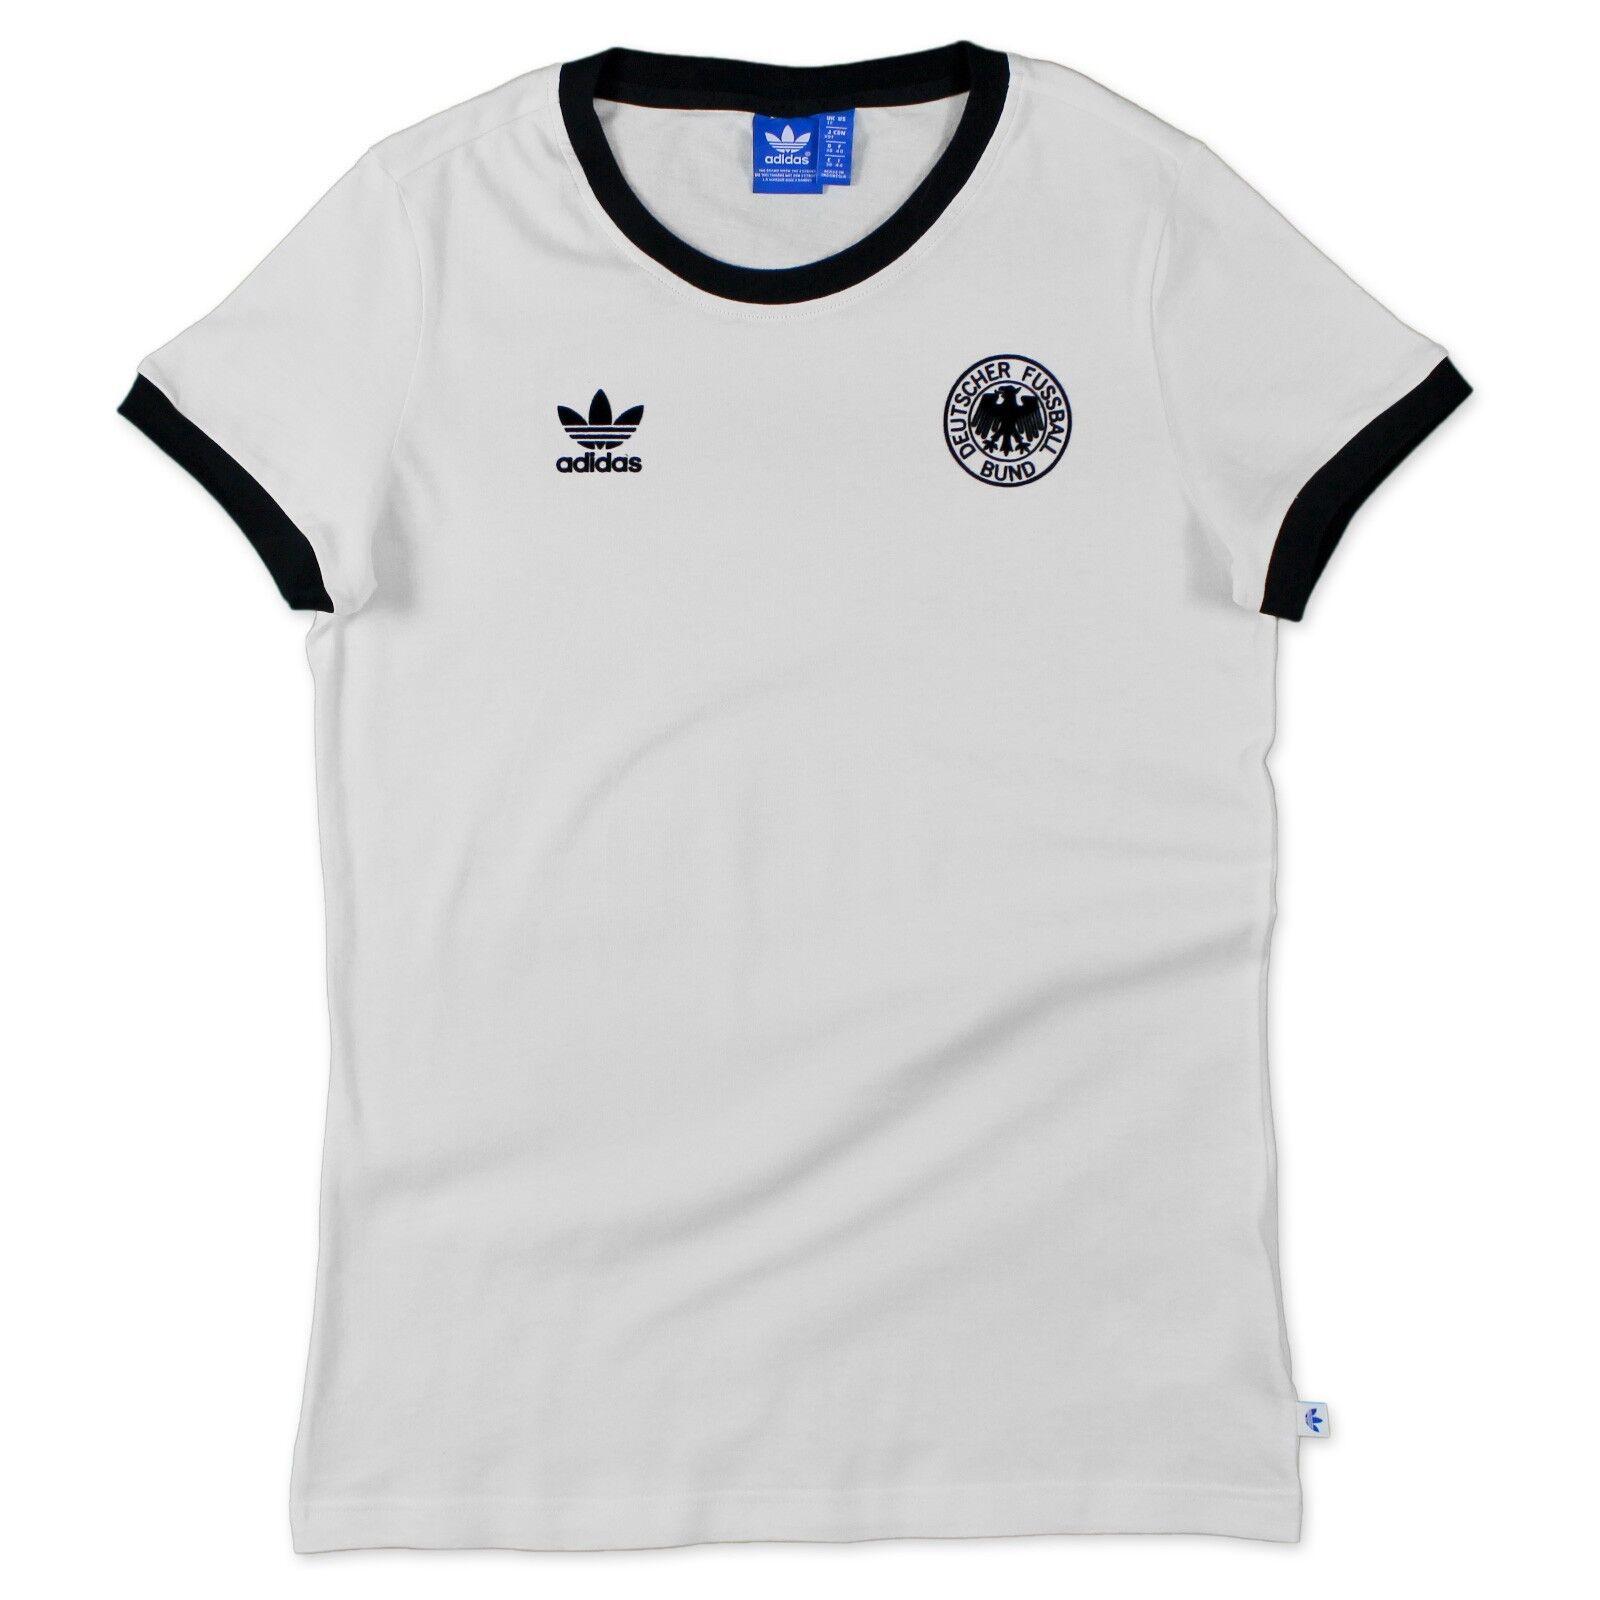 Originals Dfb Damen Trikot Weltmeisterschaft Wm 1974 Deutschland Shirt